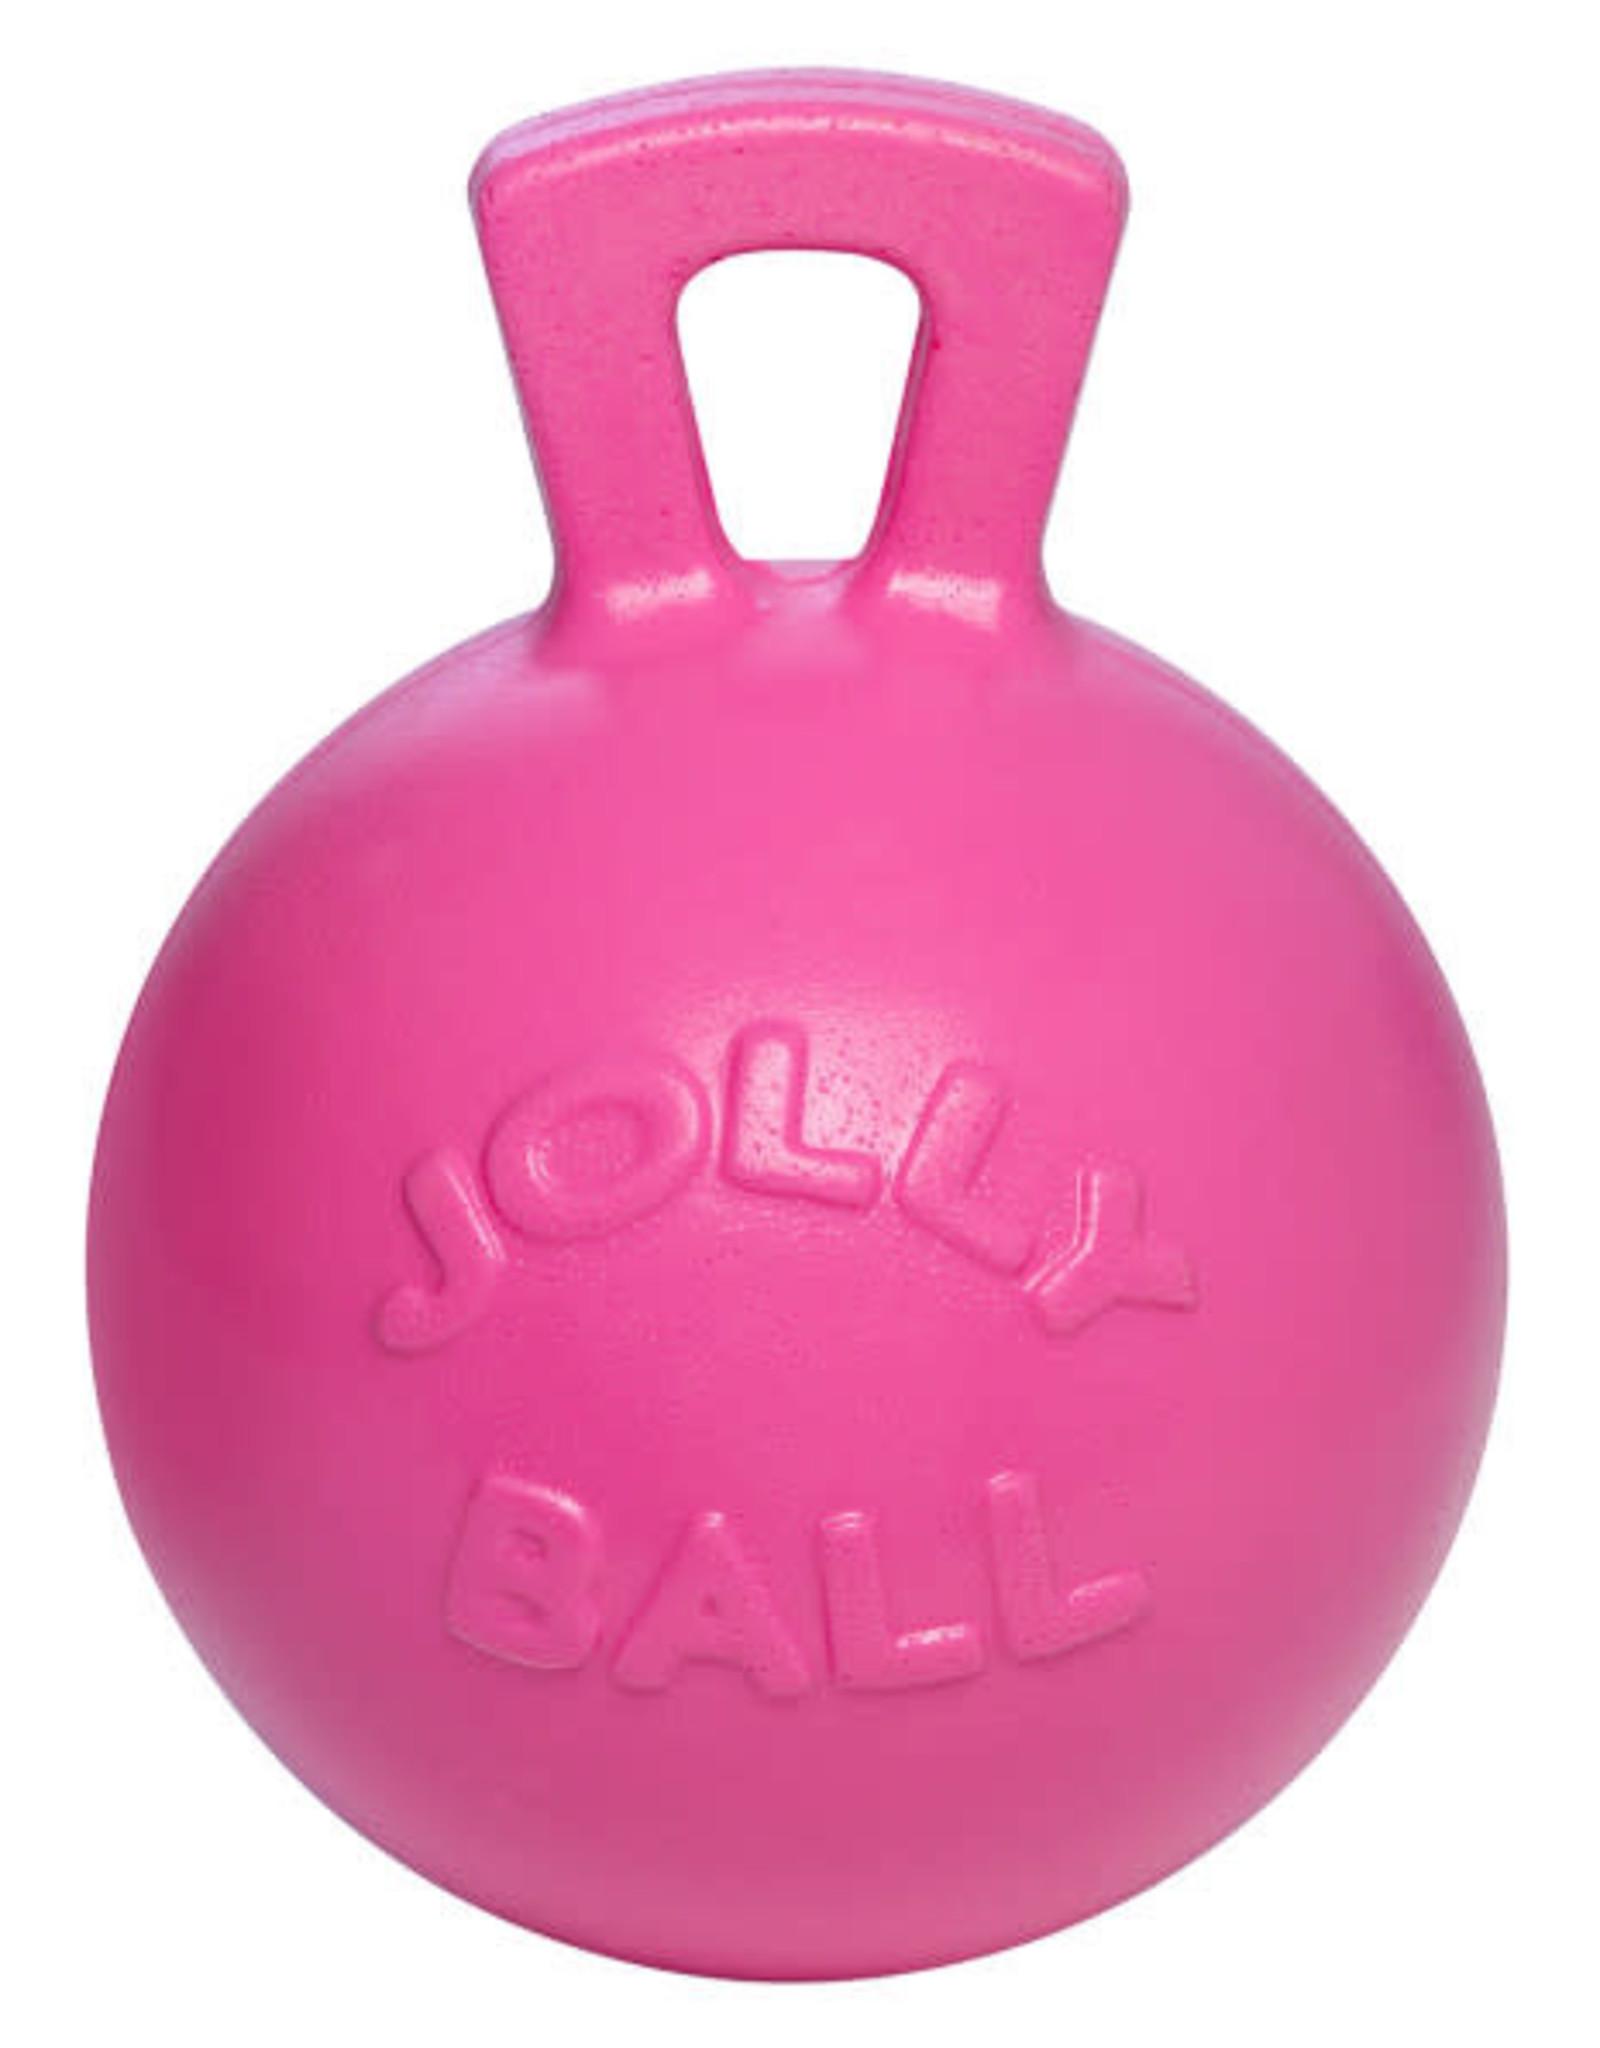 Jolly ball Jolly ball Speelbal  Roze Pink bubble gum